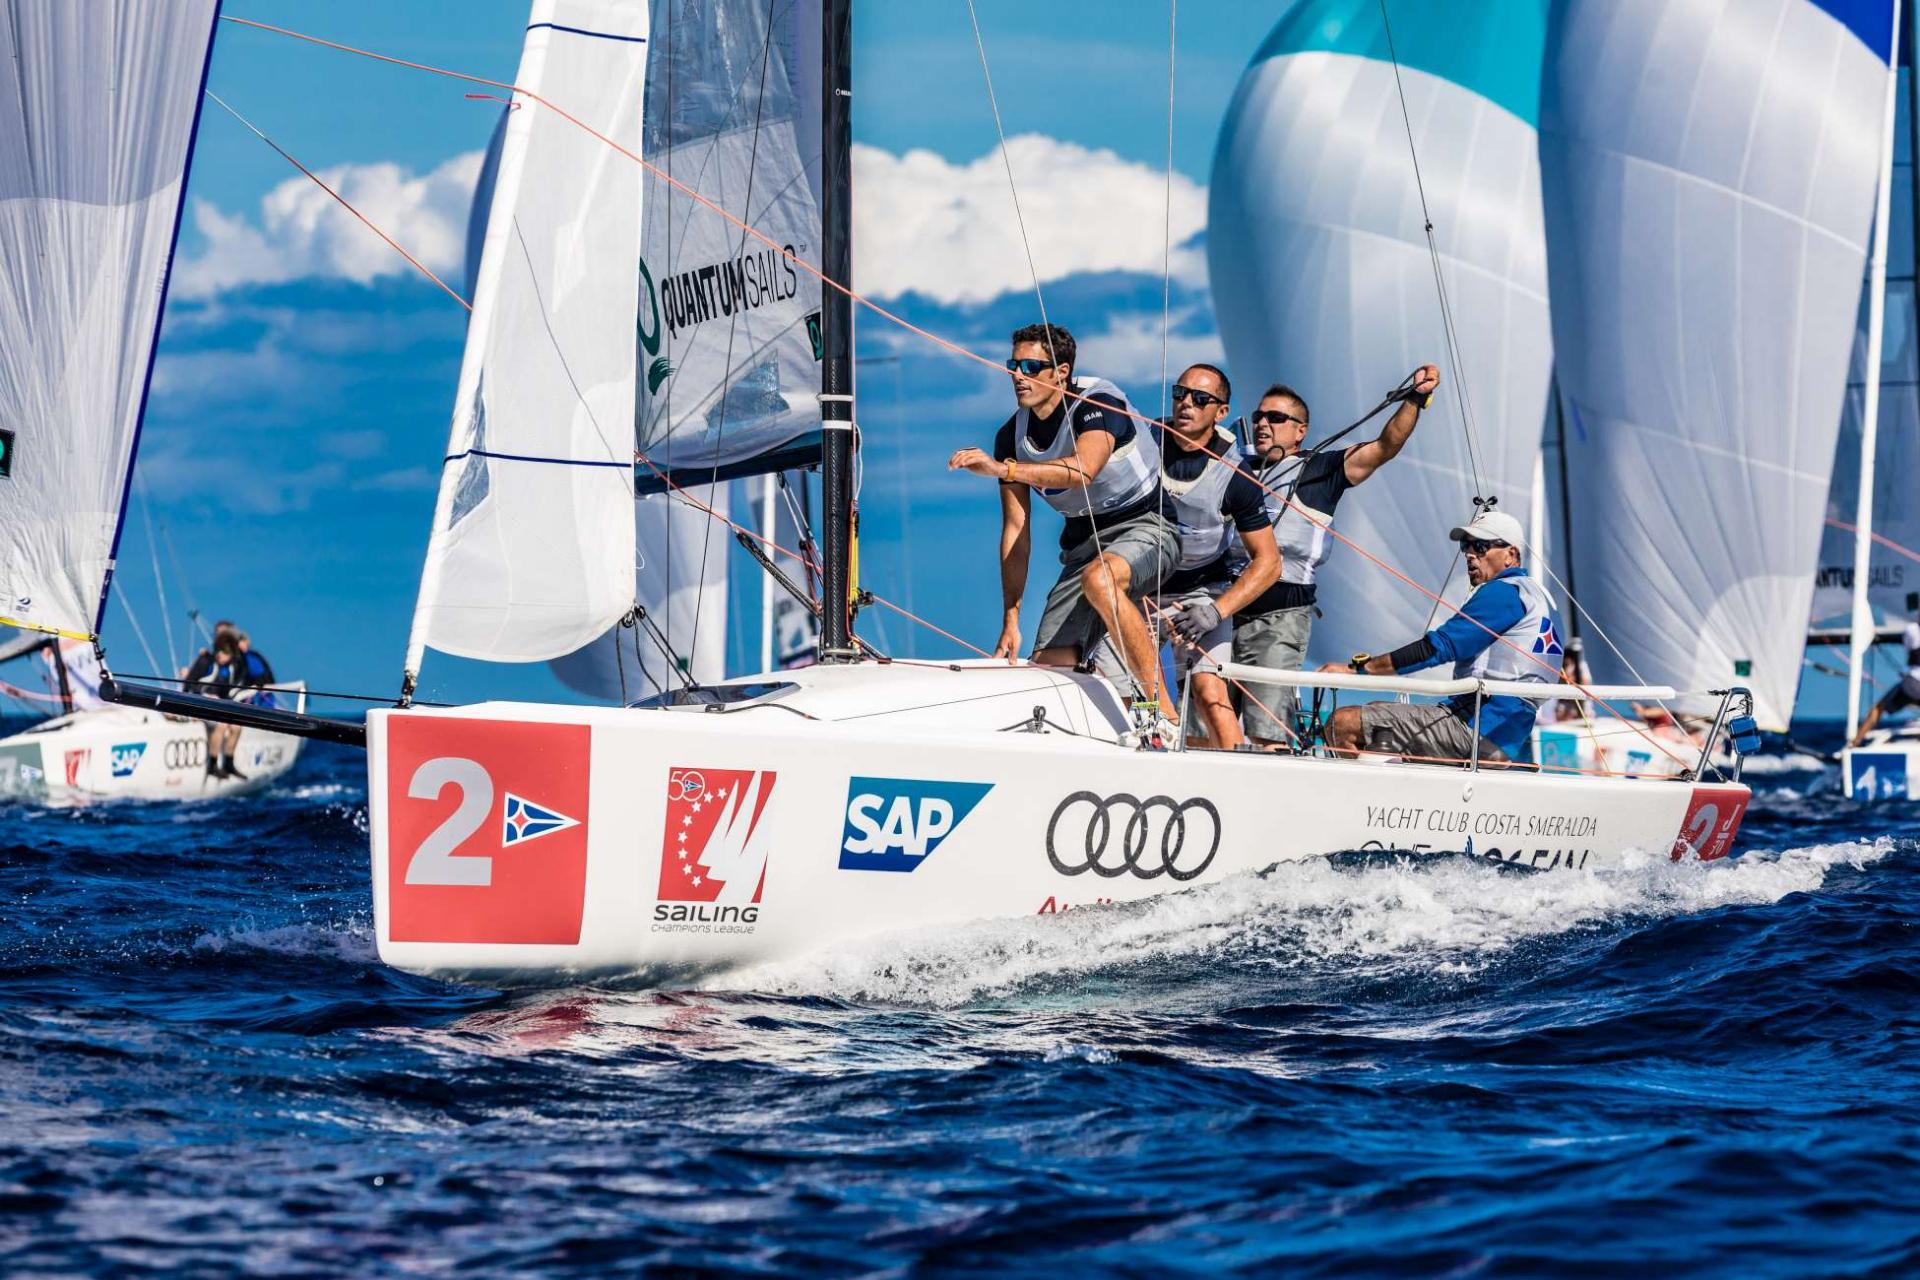 Audi SAILING Champions League Final: Prima giornata col vento in poppa - NEWS - Yacht Club Costa Smeralda